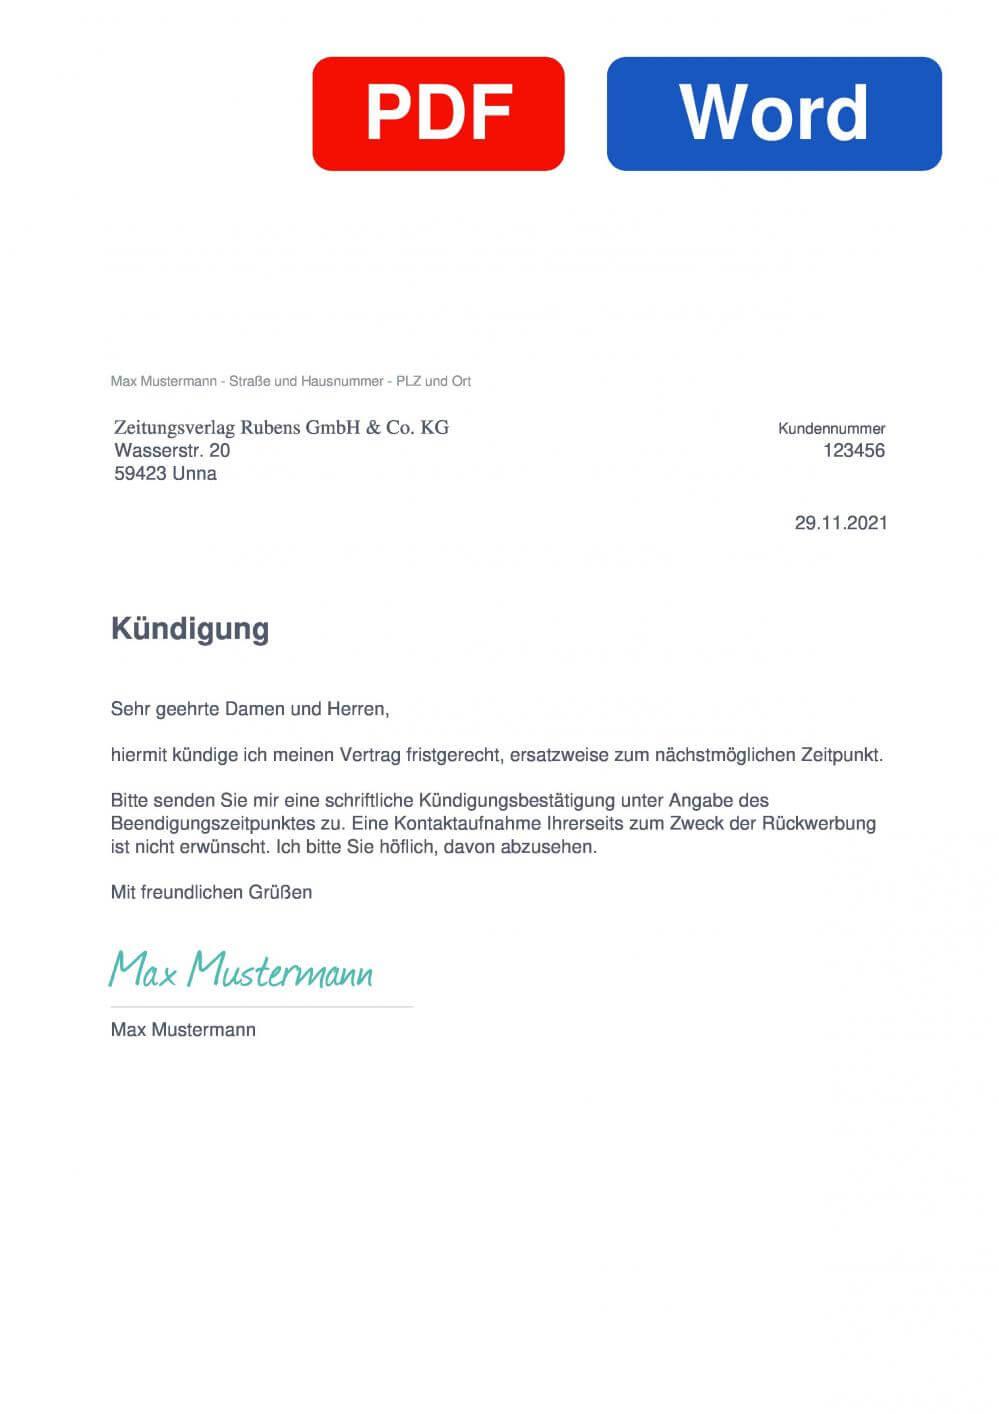 Hellweger Anzeiger Muster Vorlage für Kündigungsschreiben